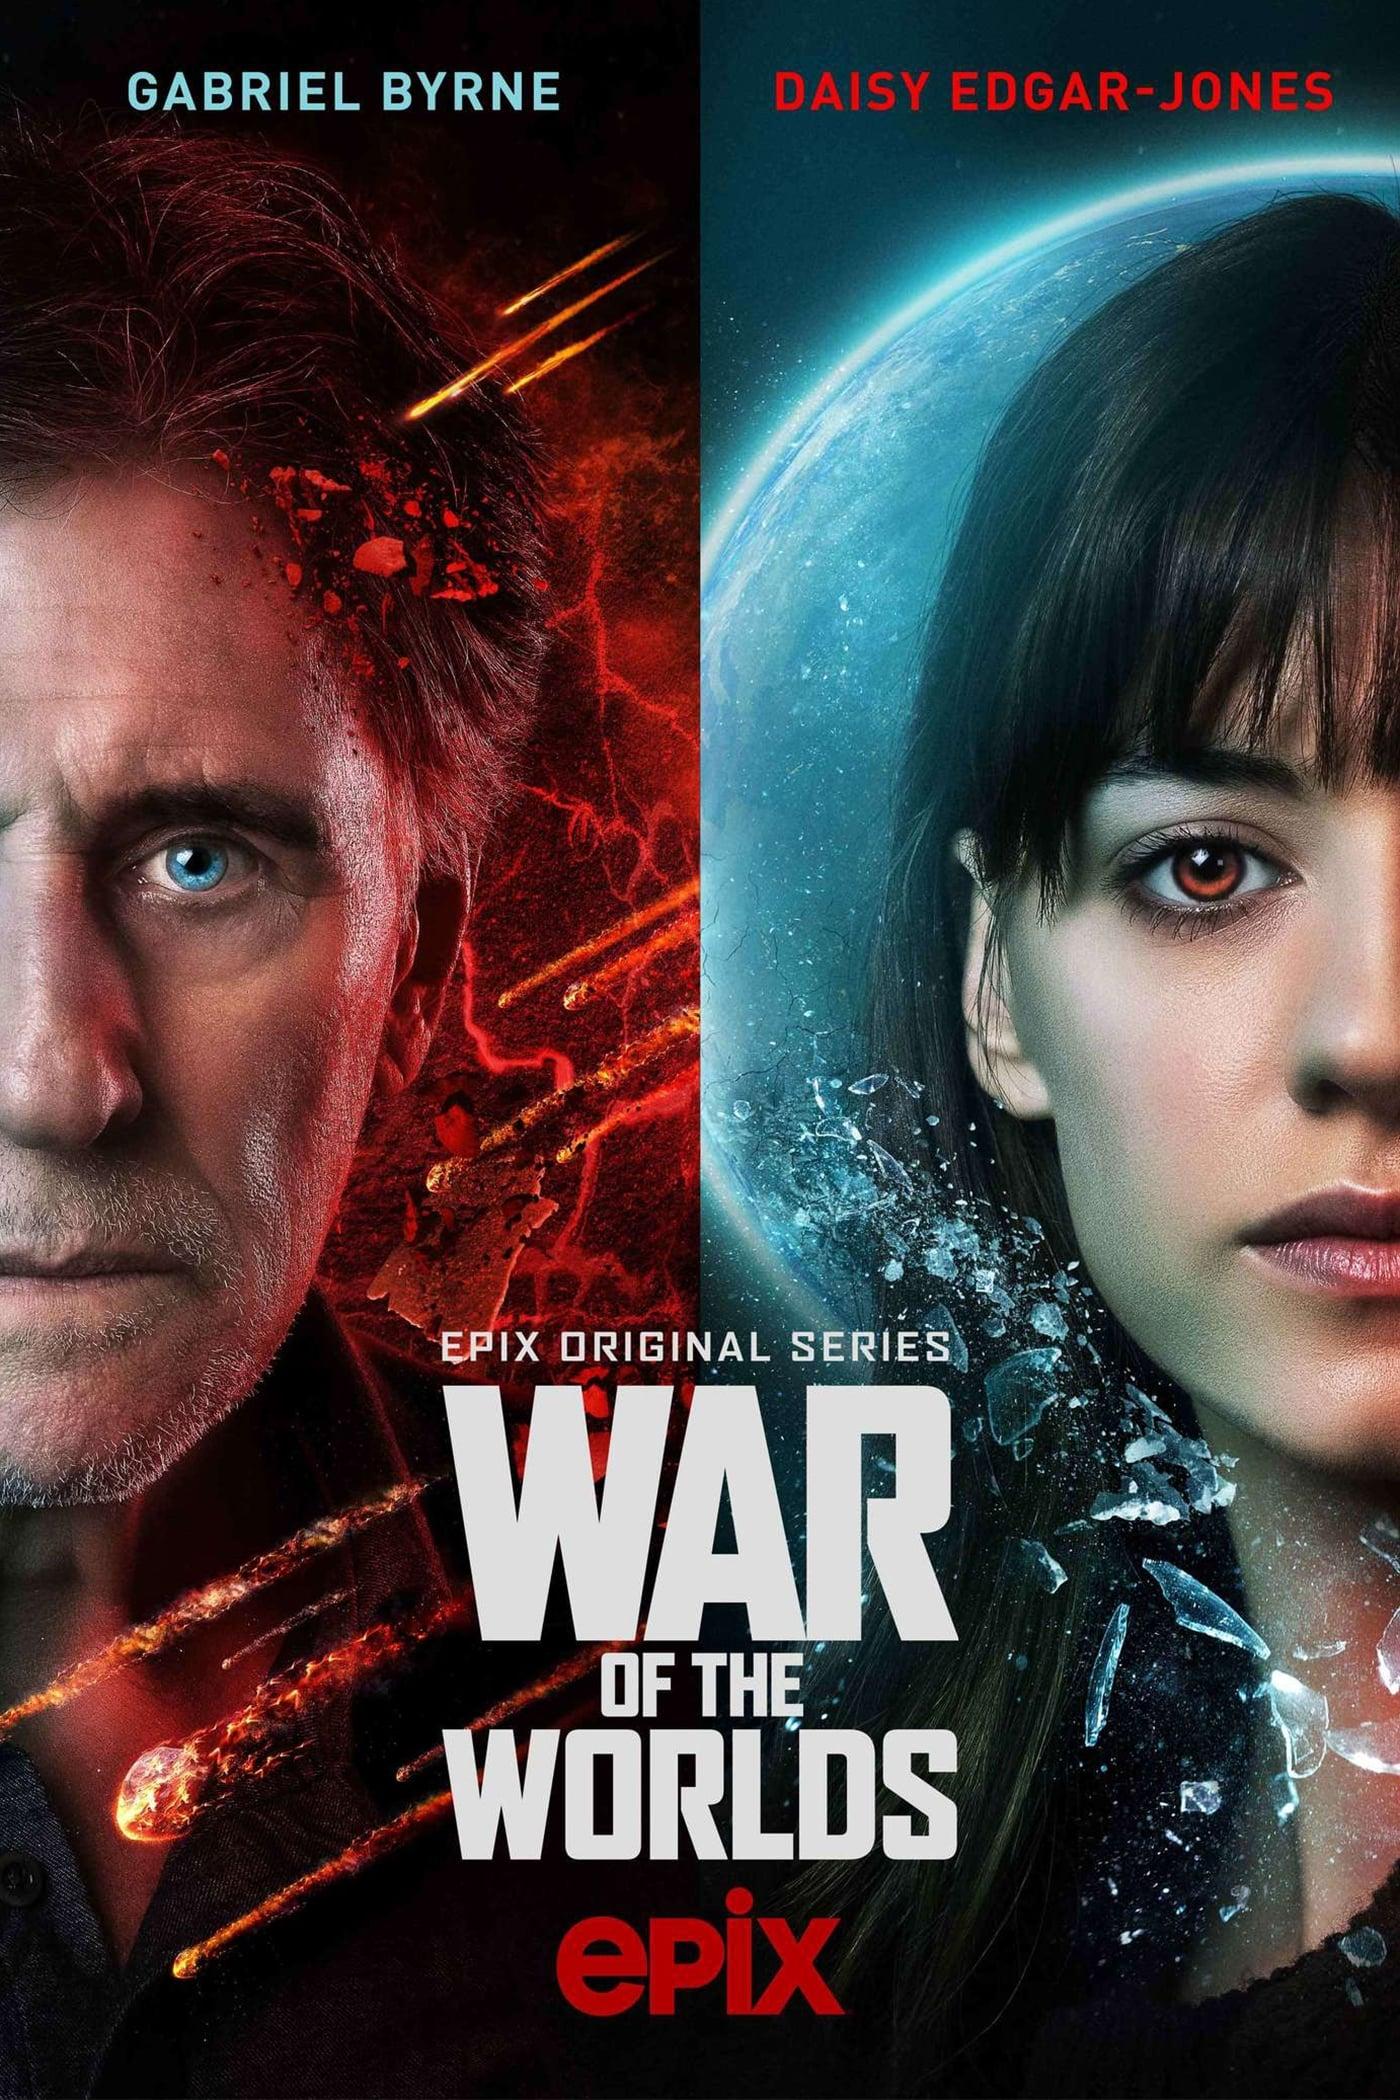 War of the Worlds: A Arte da Guerra